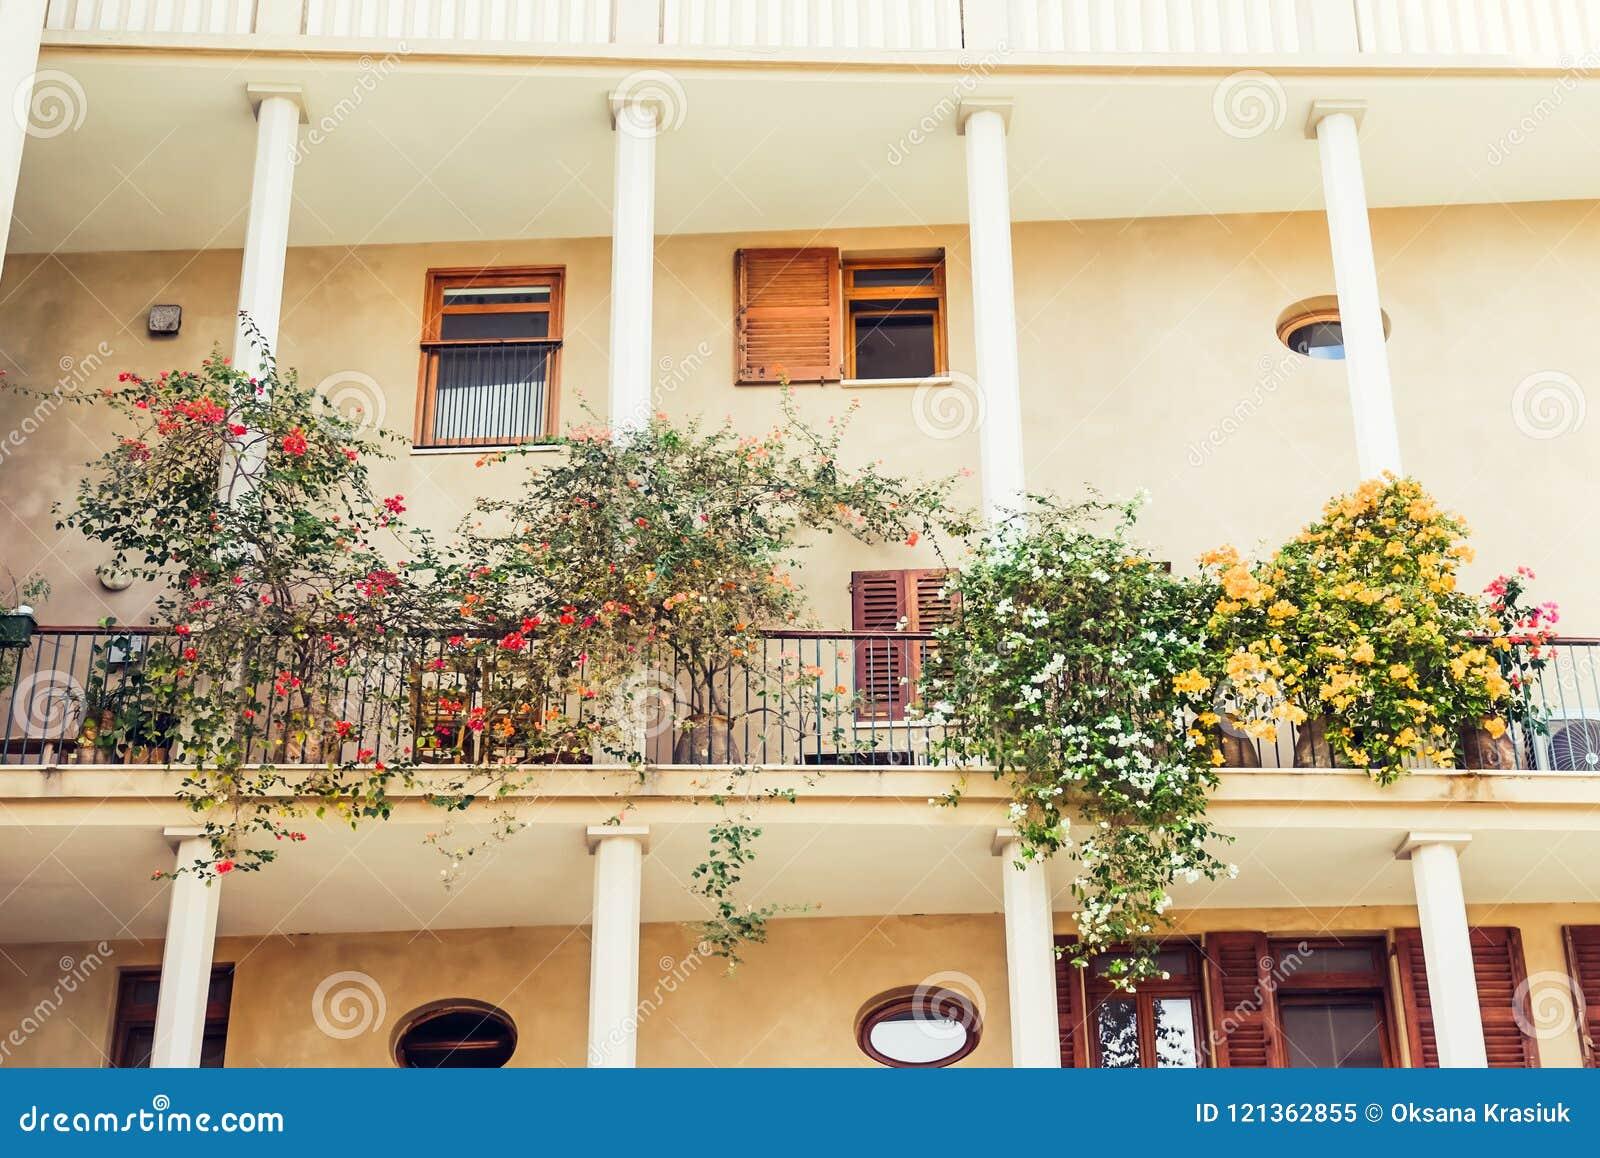 Arbre En Pot Terrasse bâtiment méditerranéen de two-storid avec des colonnes et